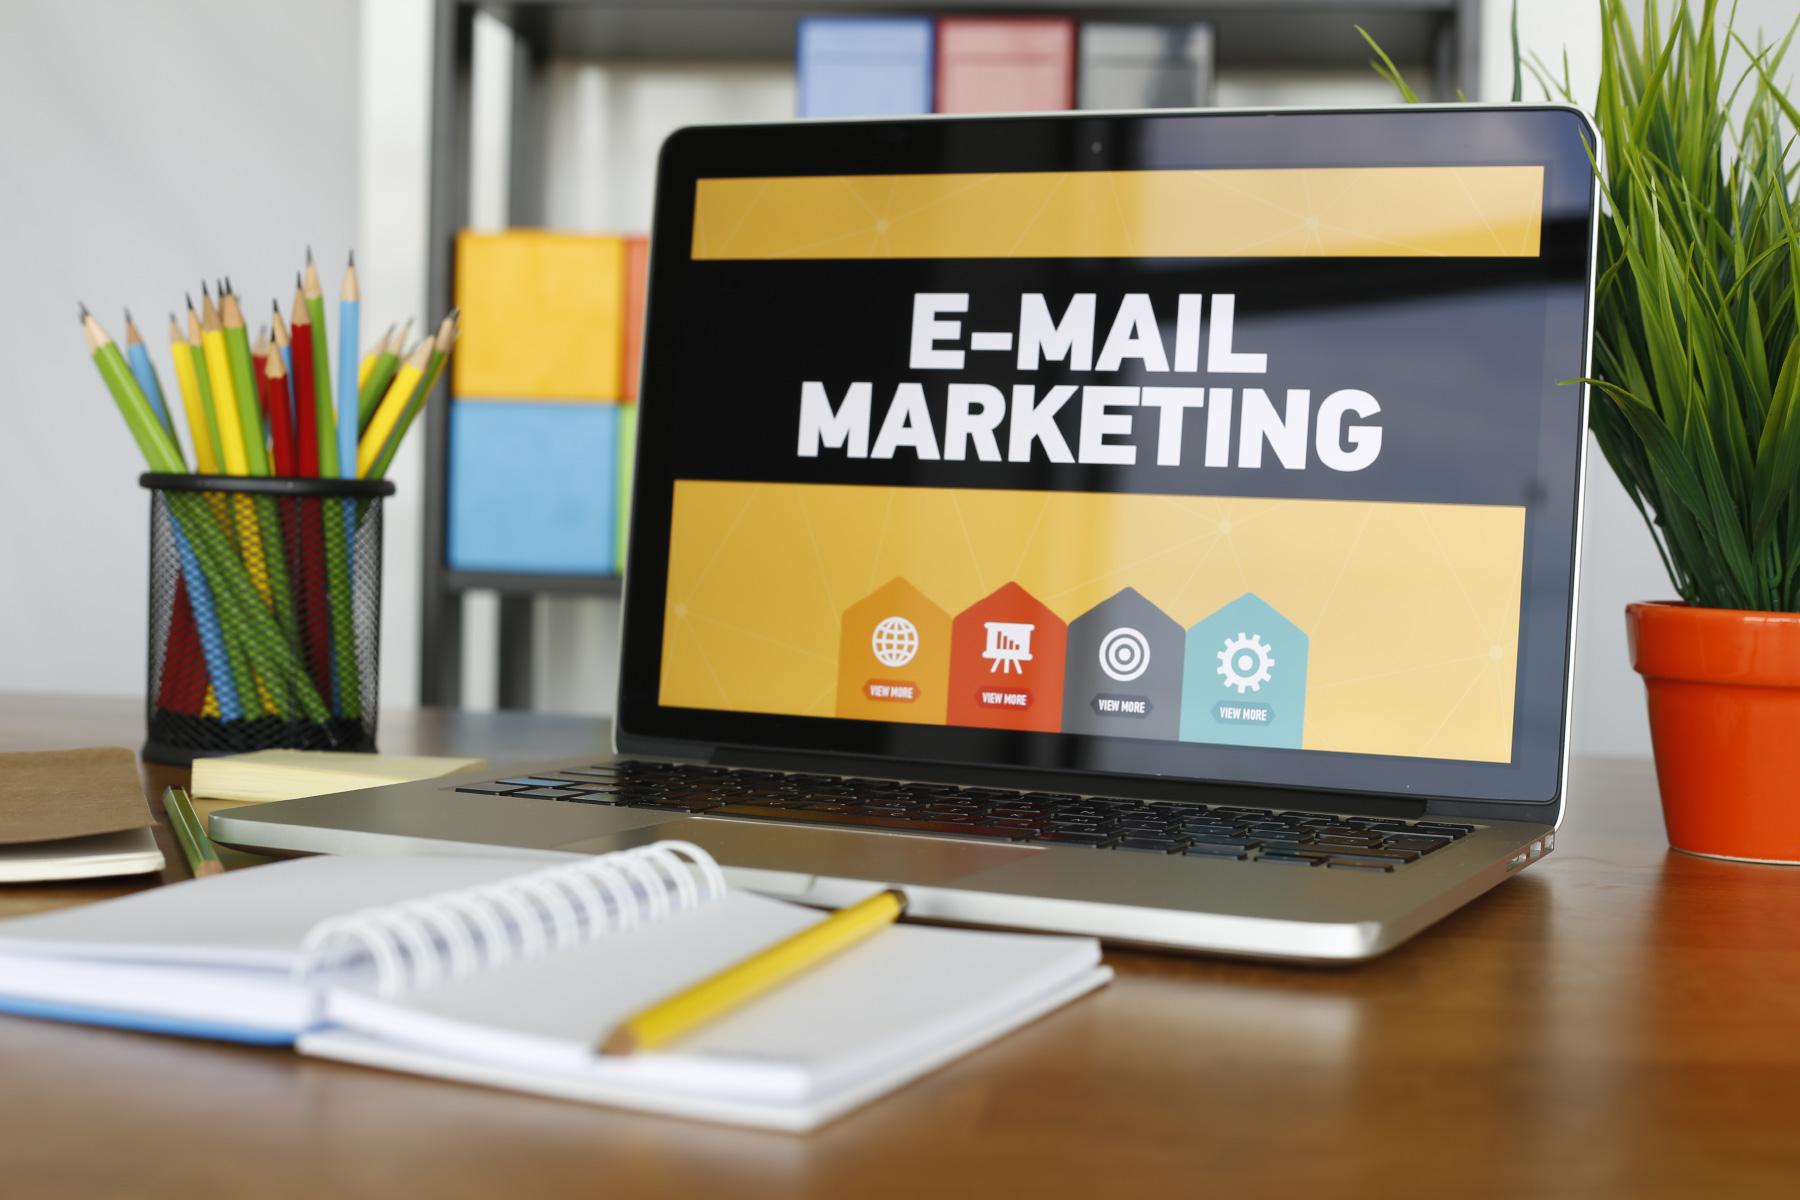 Los 5 errores más comunes en envíos de Email marketing